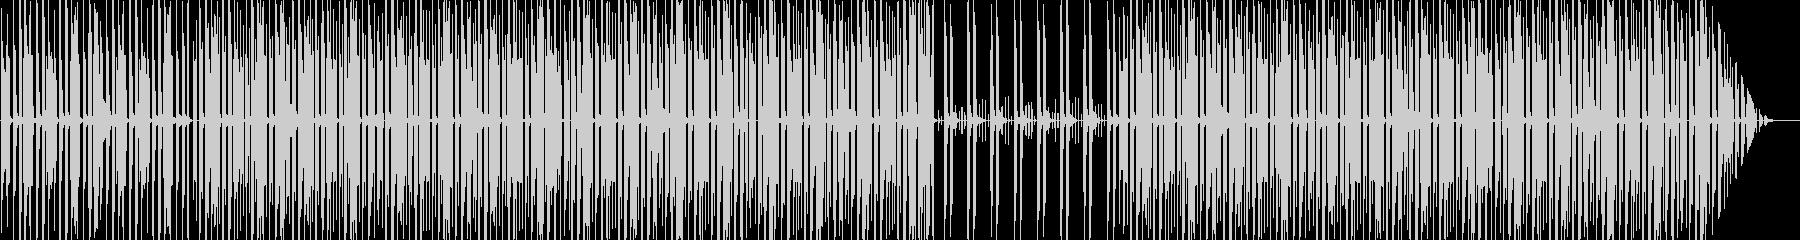 不気味でおしゃれなエレビサウンドの未再生の波形